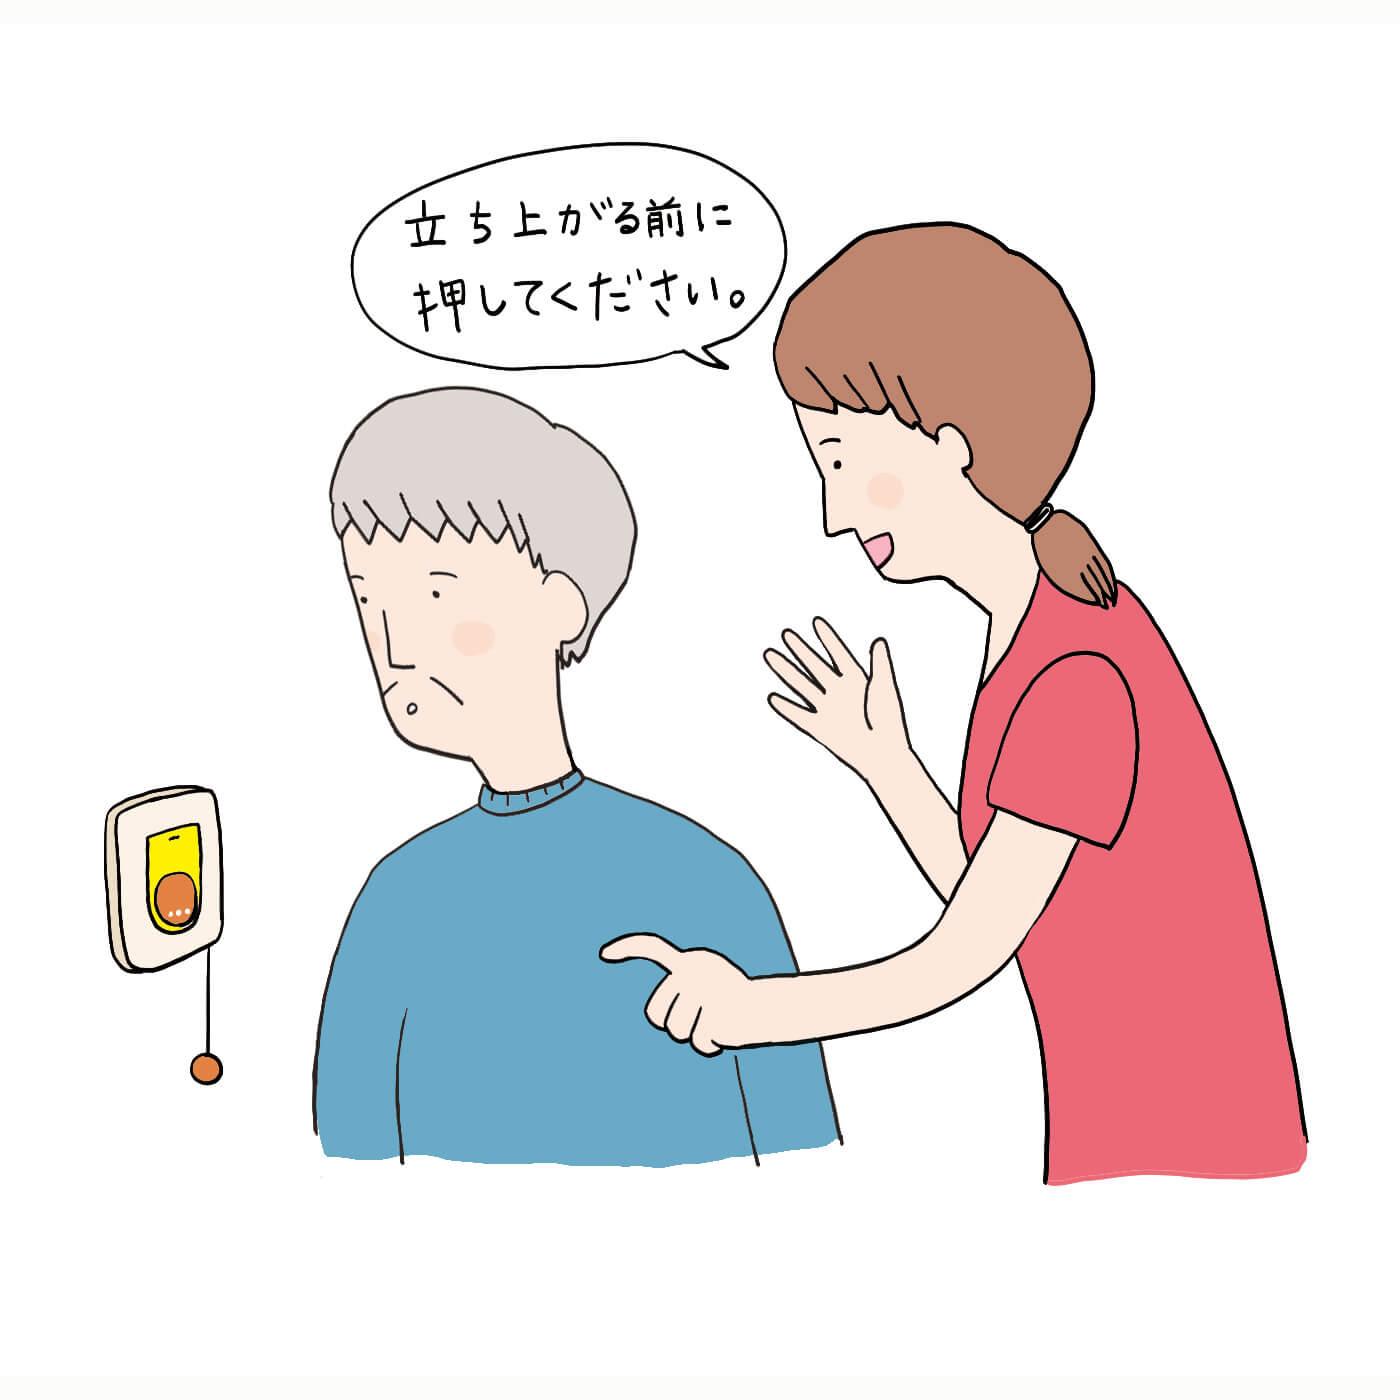 老人患者にナースコール指導するナースイラスト